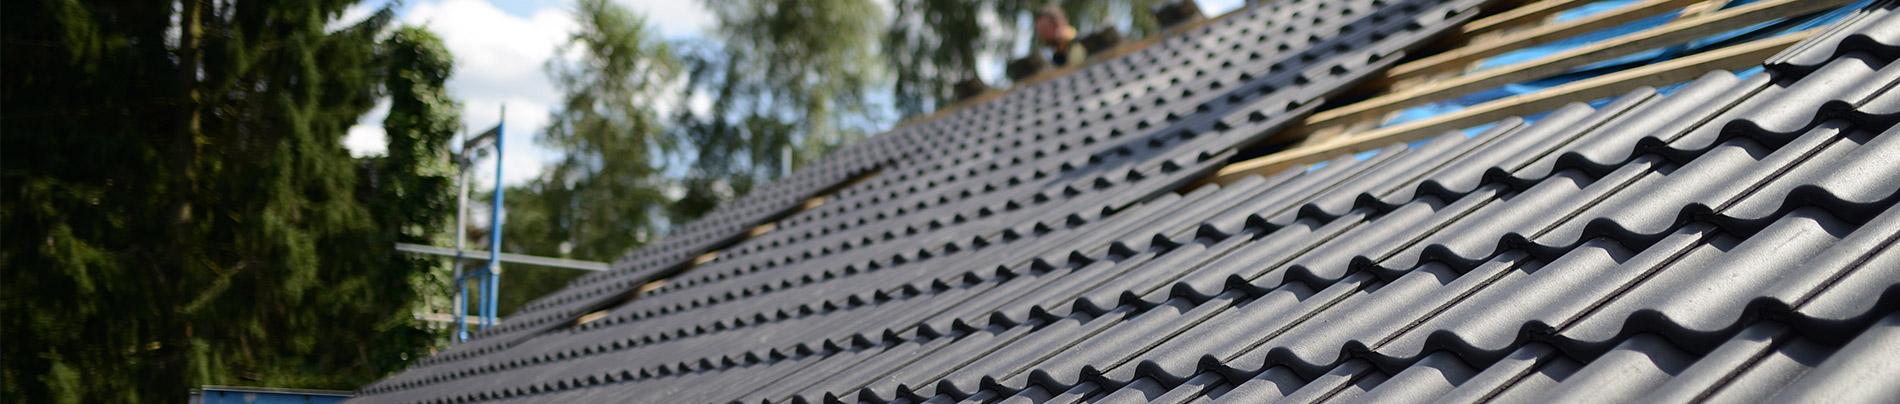 Pentes minimales admissibles des couvertures toitures et for Materiaux toiture